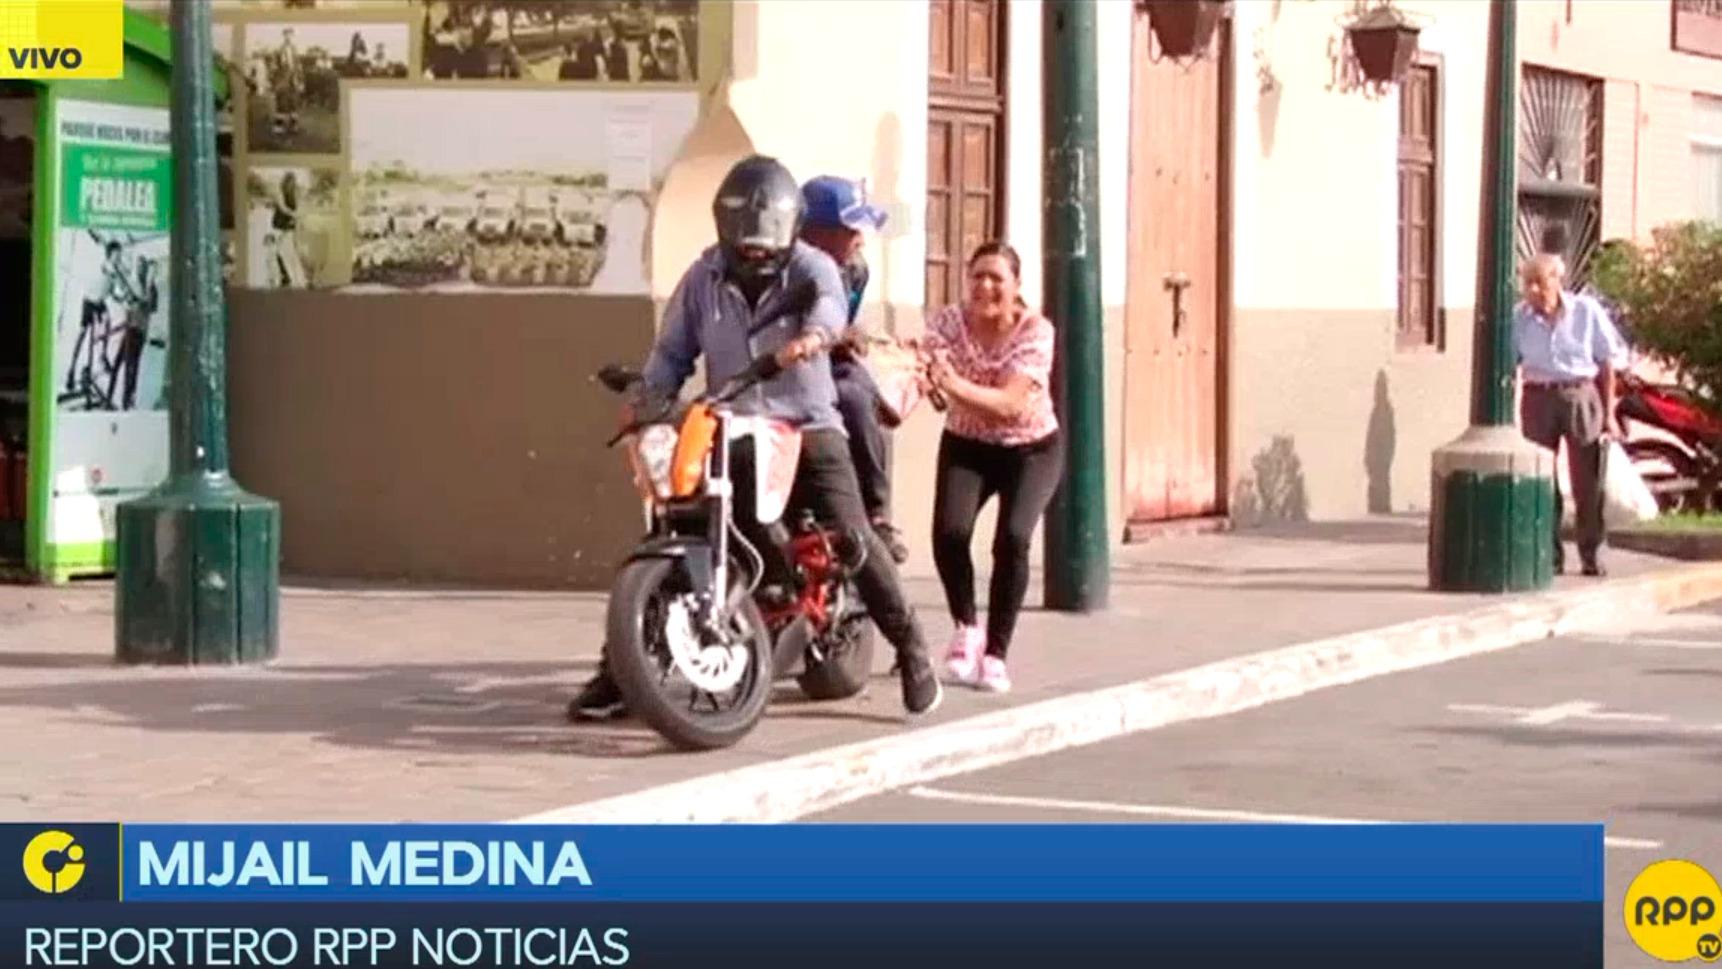 Vecinos de Surco apoyan prohibición para que dos personas viajen en moto.